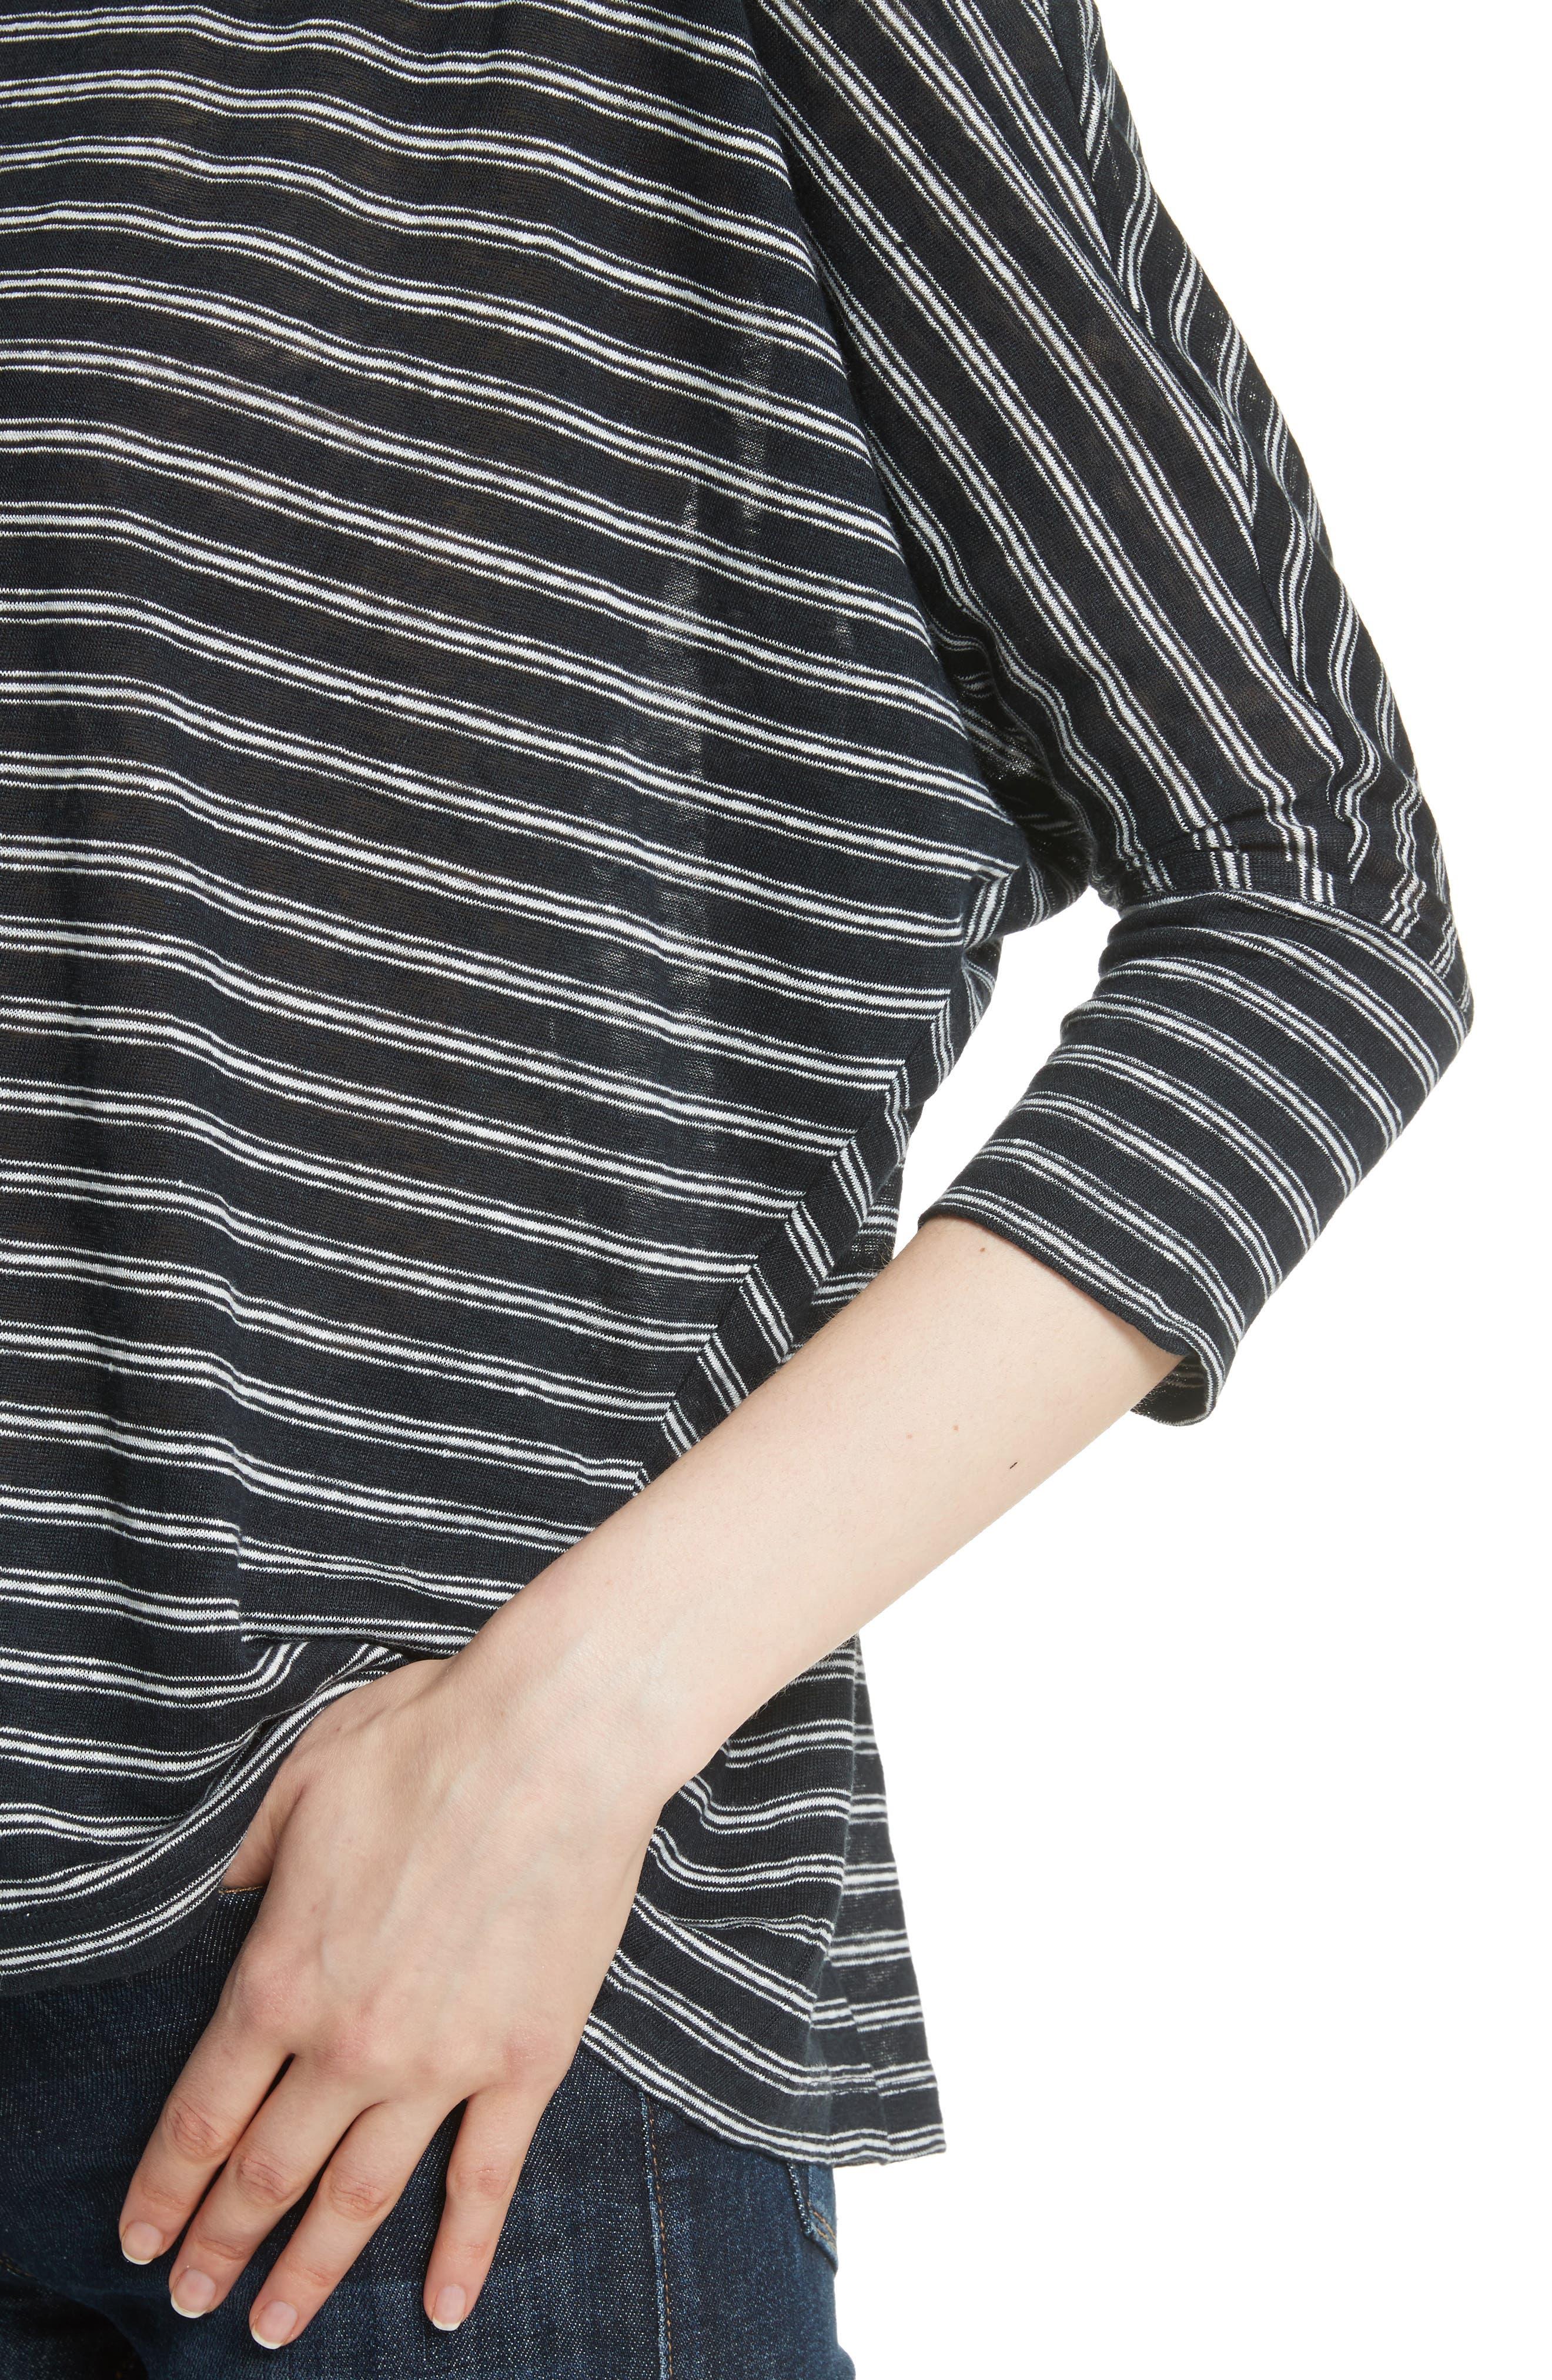 Stripe Linen Knit Top,                             Alternate thumbnail 4, color,                             Caviar/ Porcelain